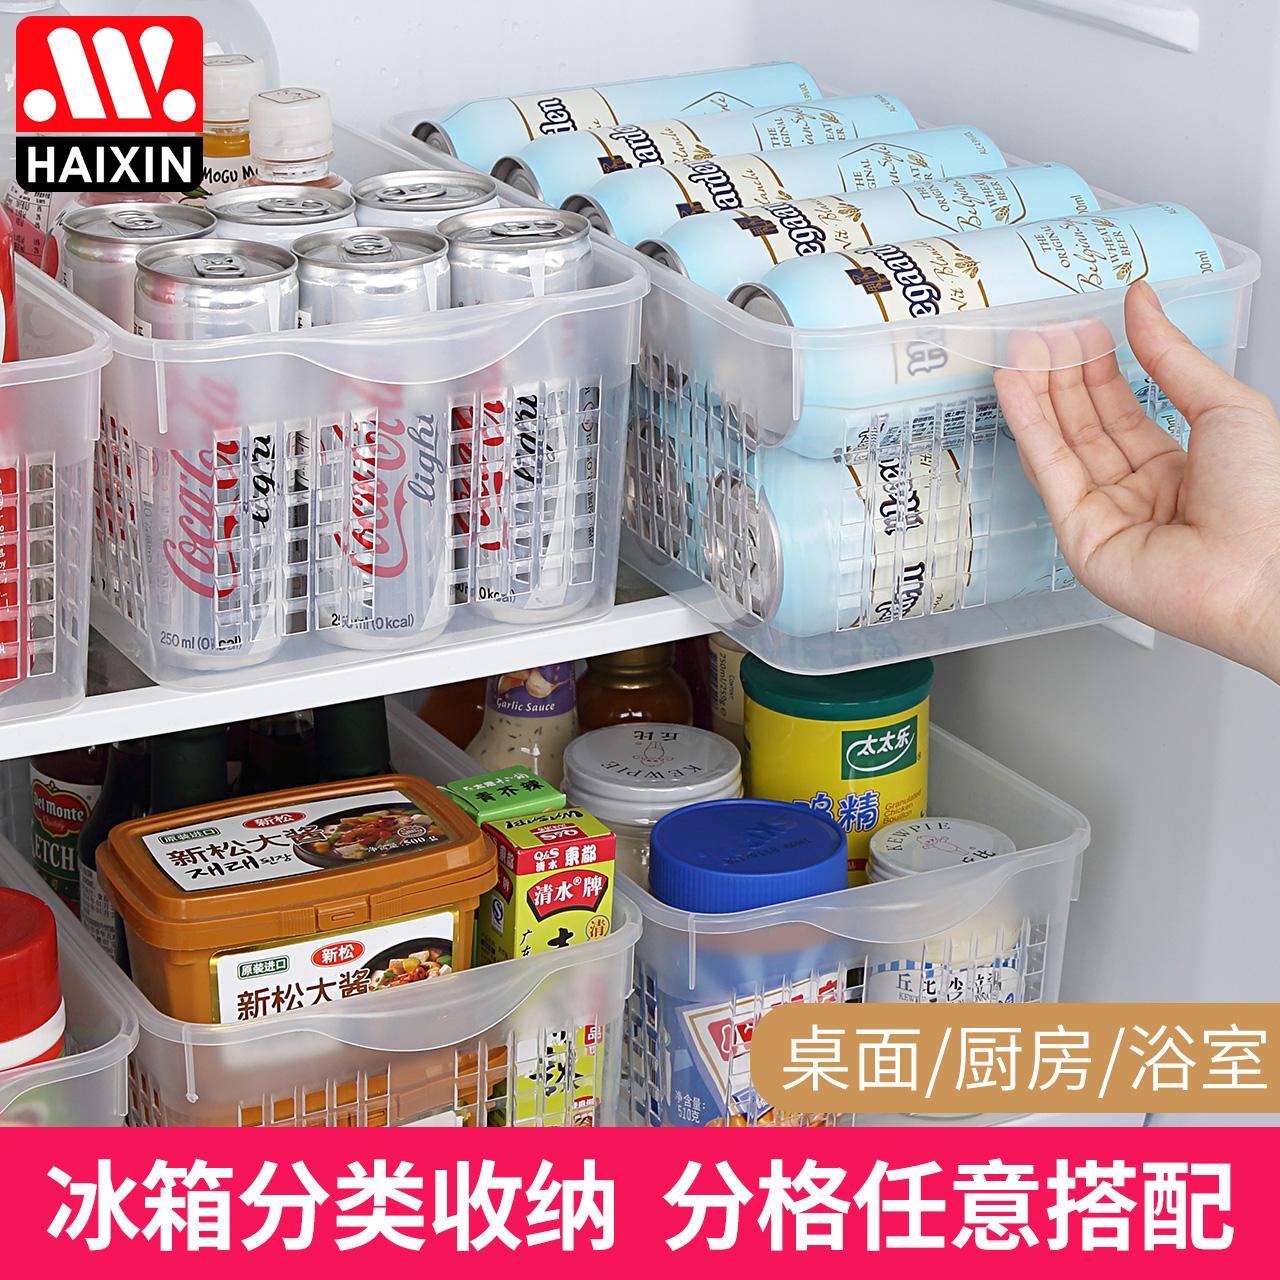 海兴冰箱水果蔬菜筐dc009